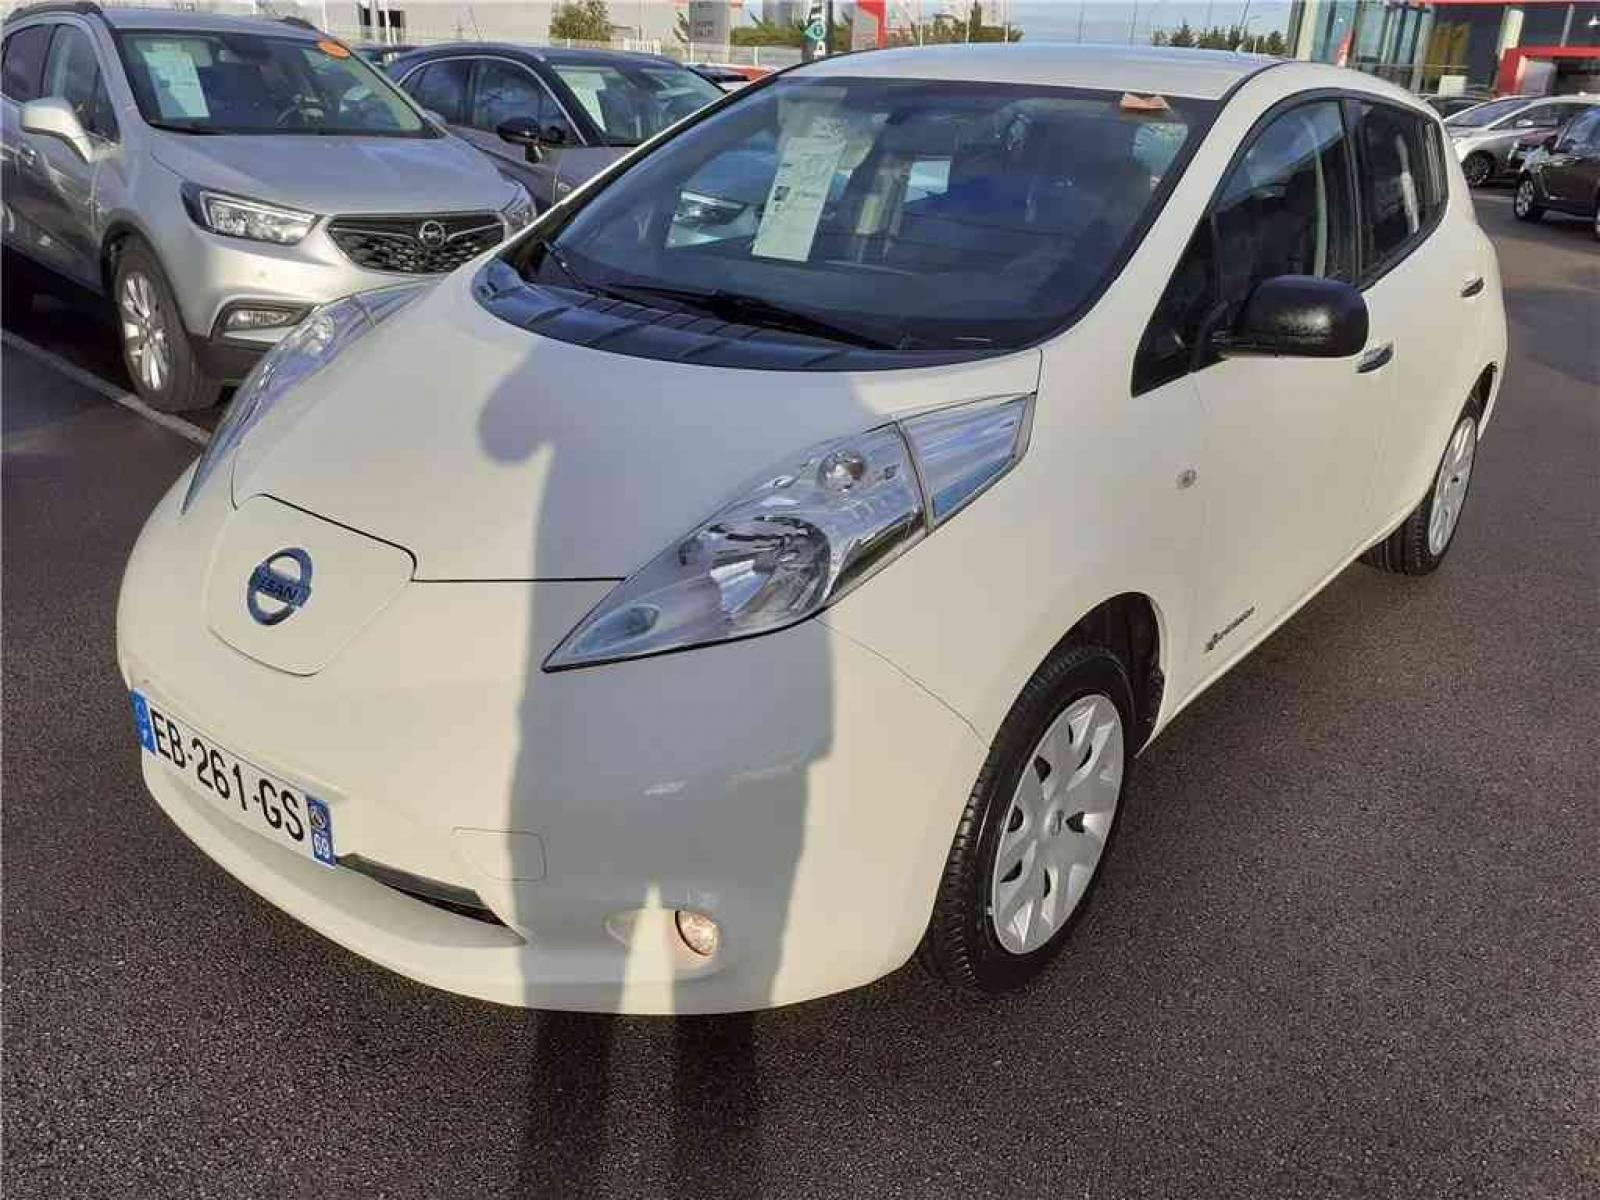 NISSAN Leaf Electrique 24kWh - véhicule d'occasion - Groupe Guillet - Opel Magicauto - Chalon-sur-Saône - 71380 - Saint-Marcel - 1